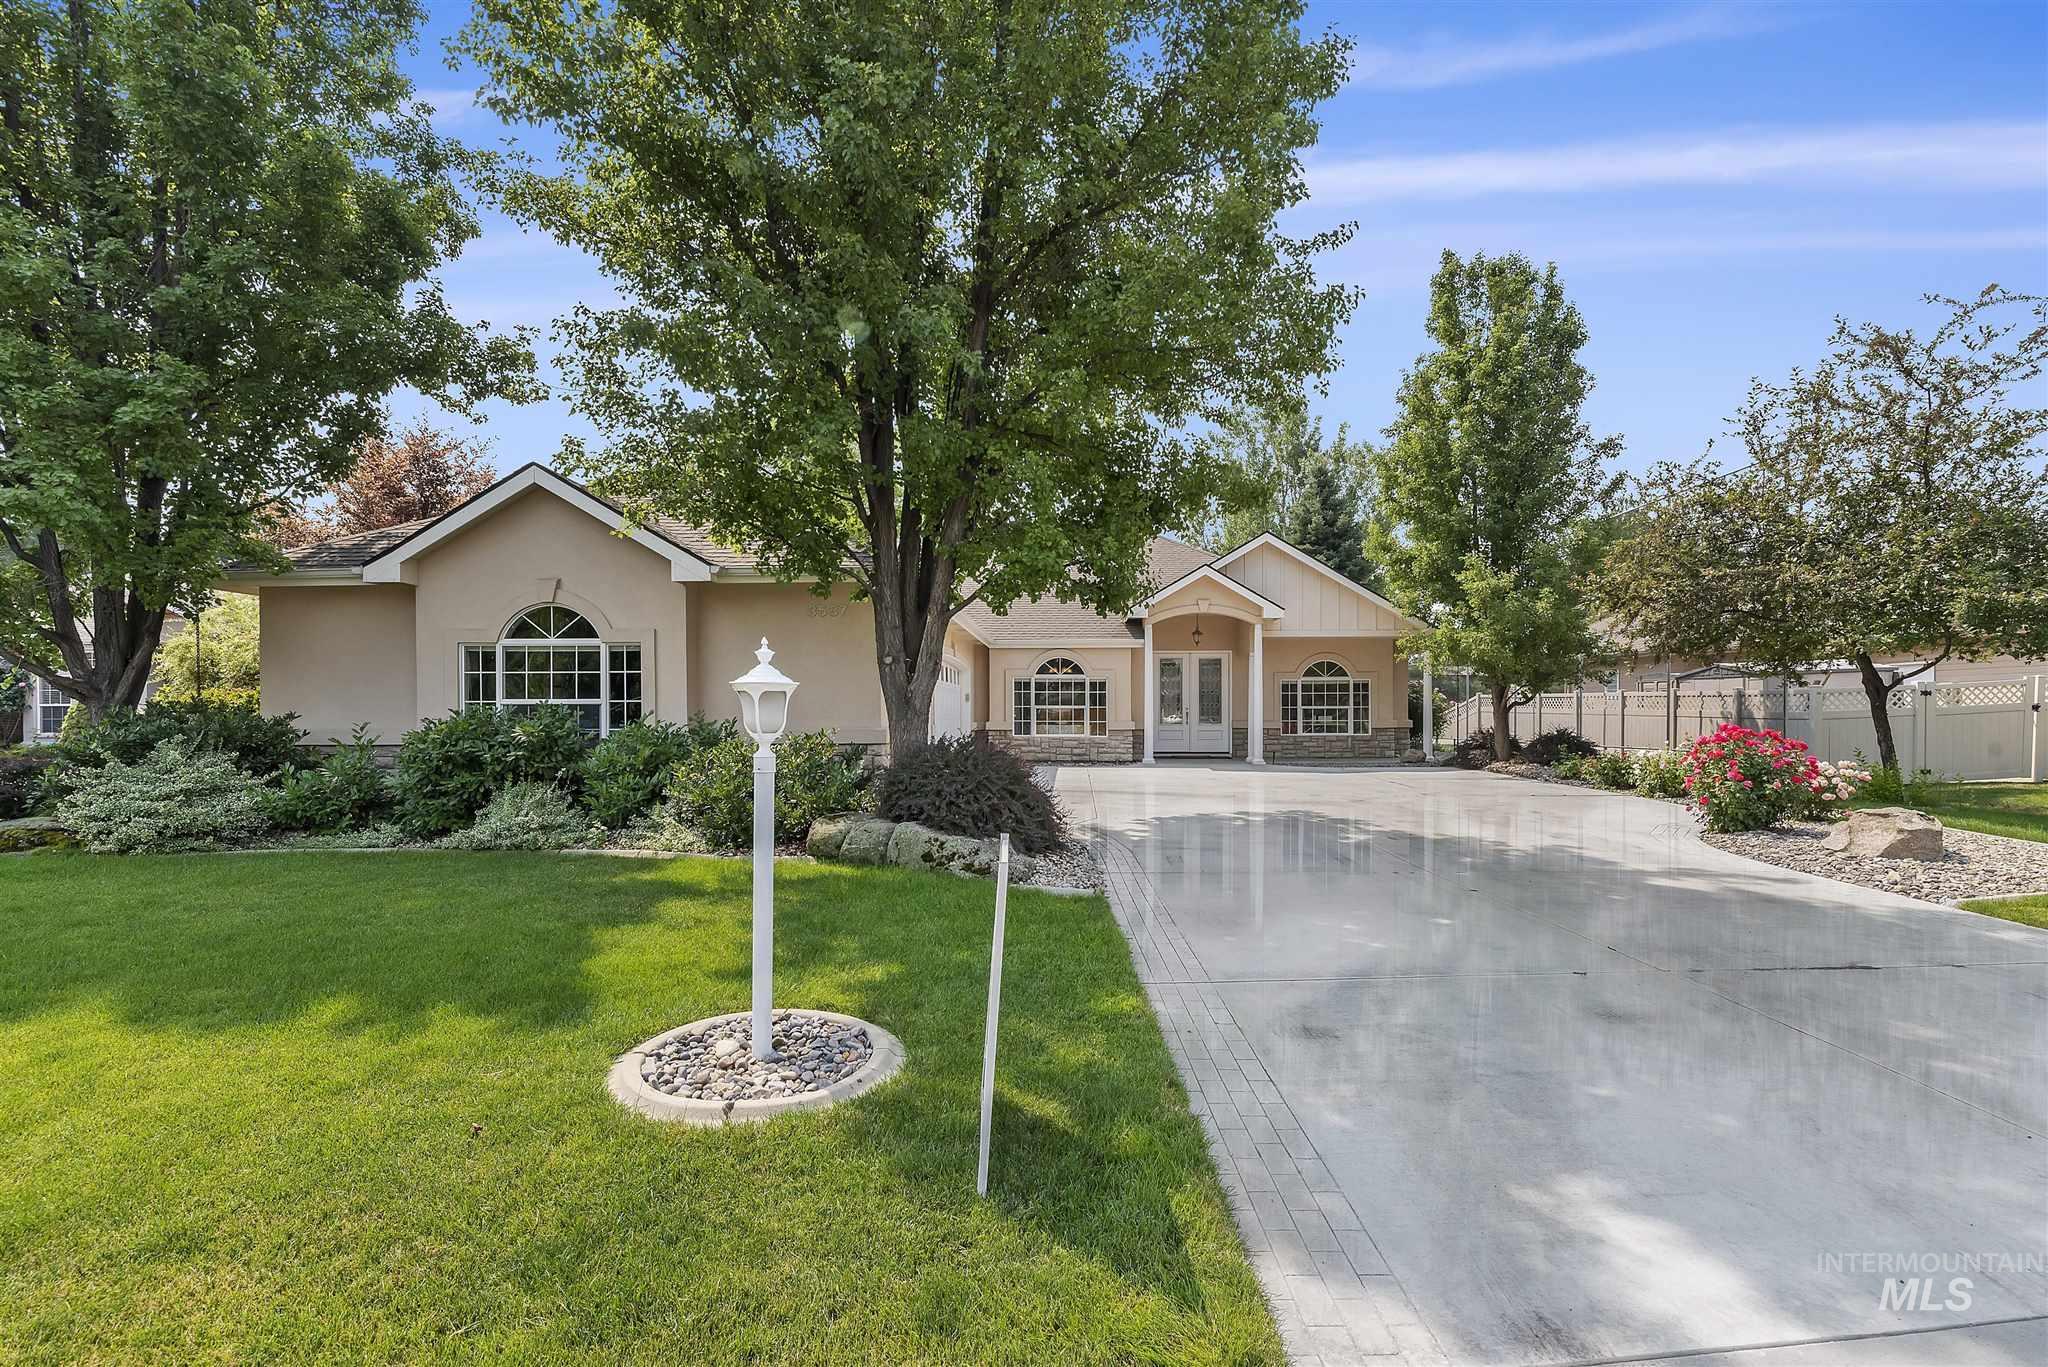 3587 W Muirfield Property Photo